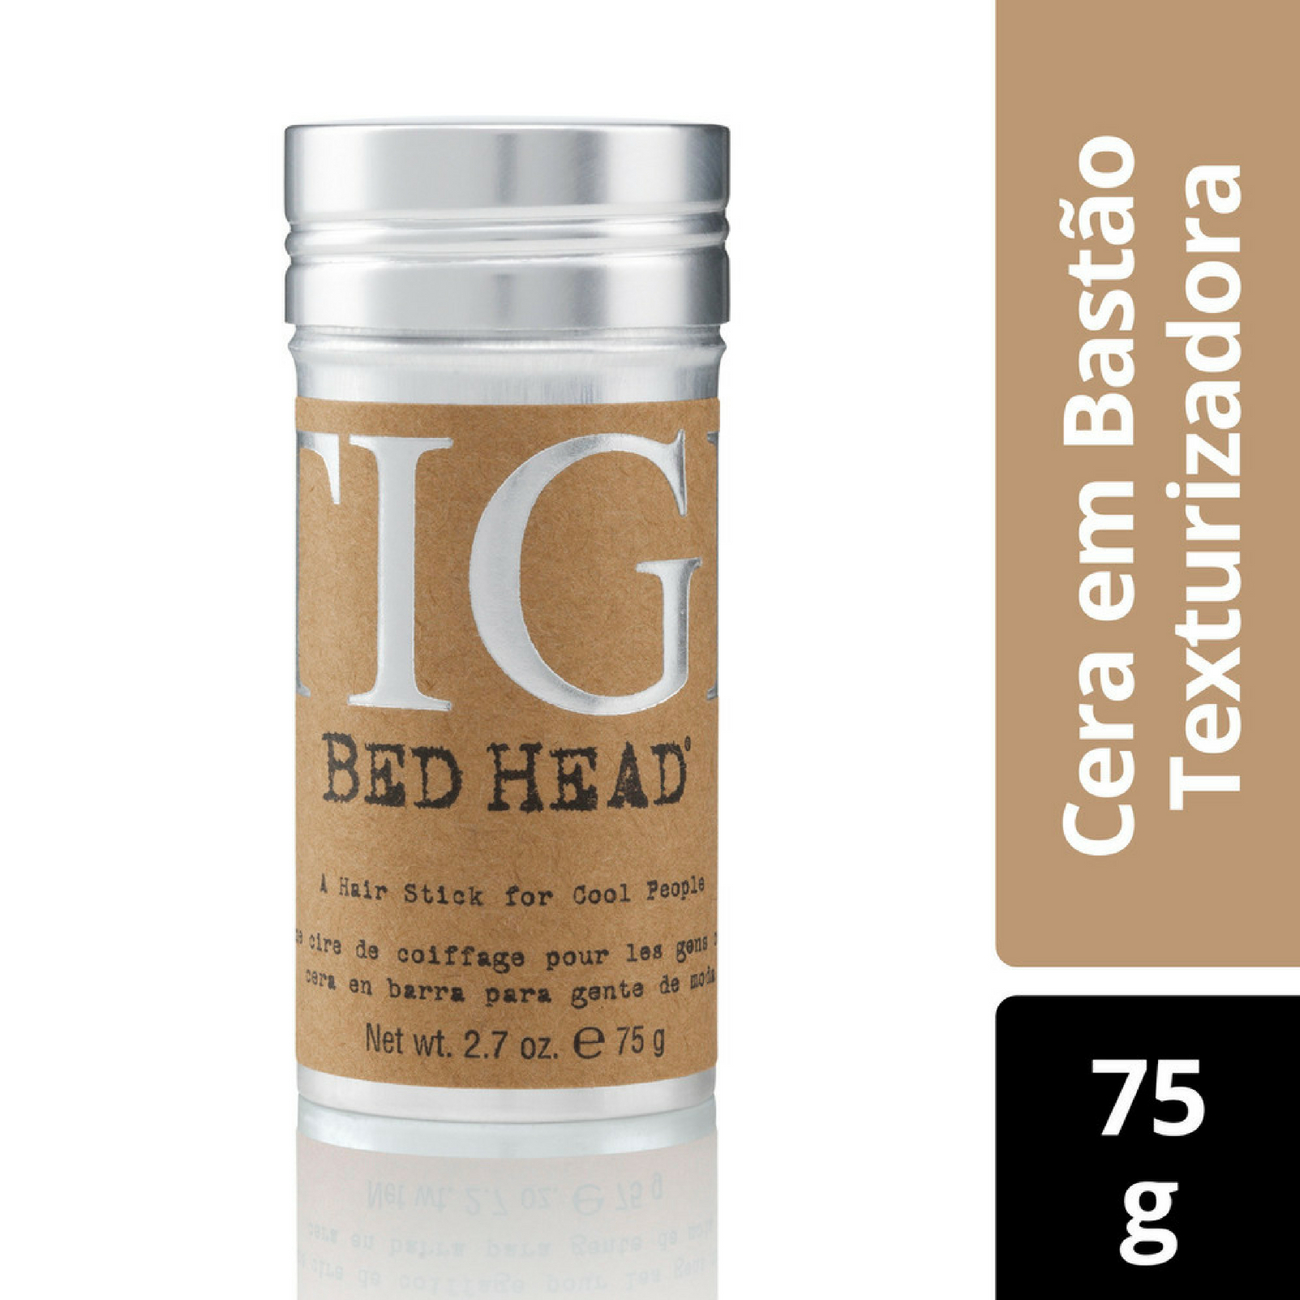 Cera Capilar Bed Head em Bastão 75g